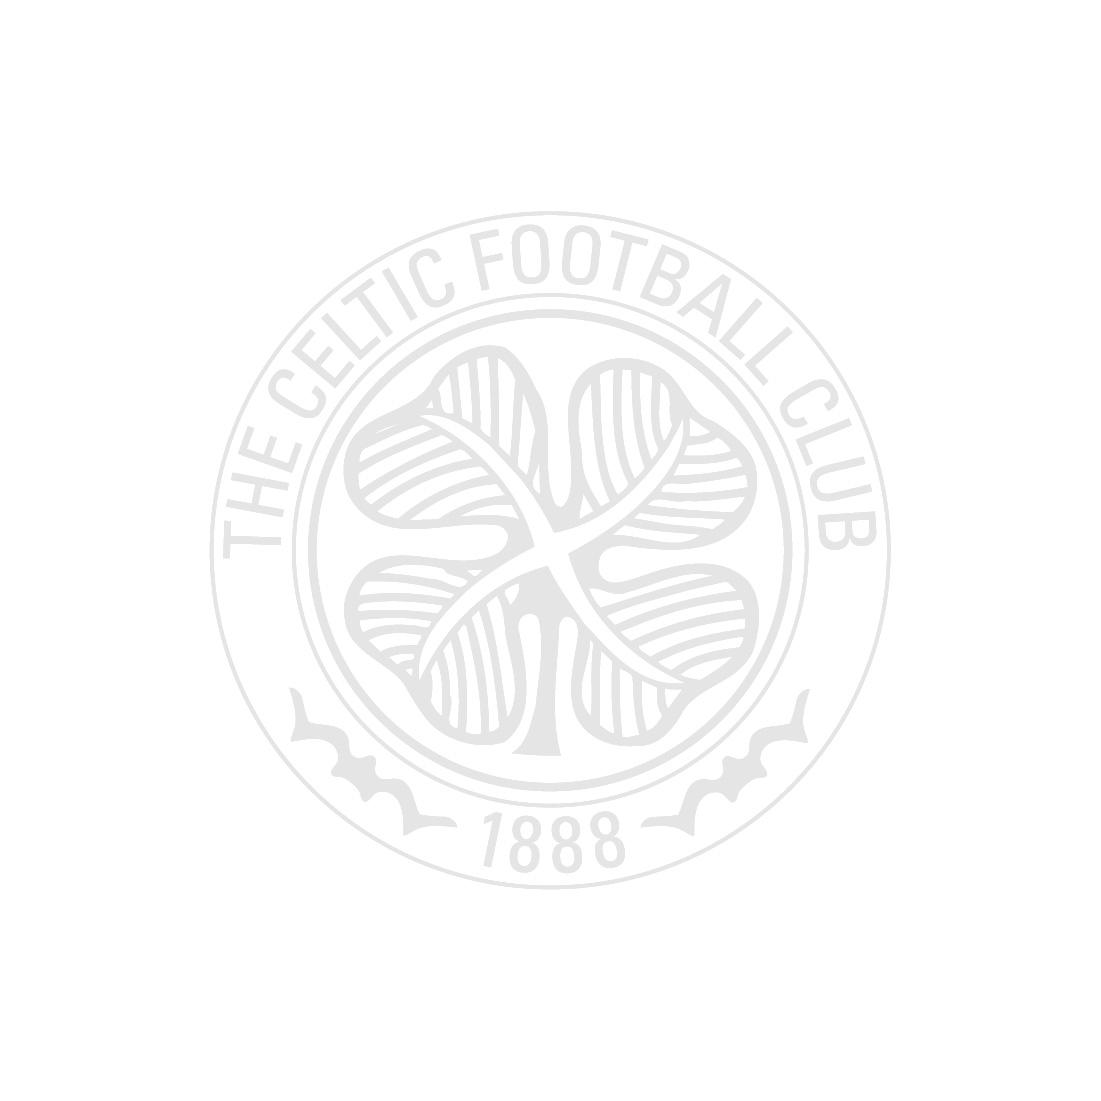 Celtic Mens Home Shirt 19/20 with No Sponsor